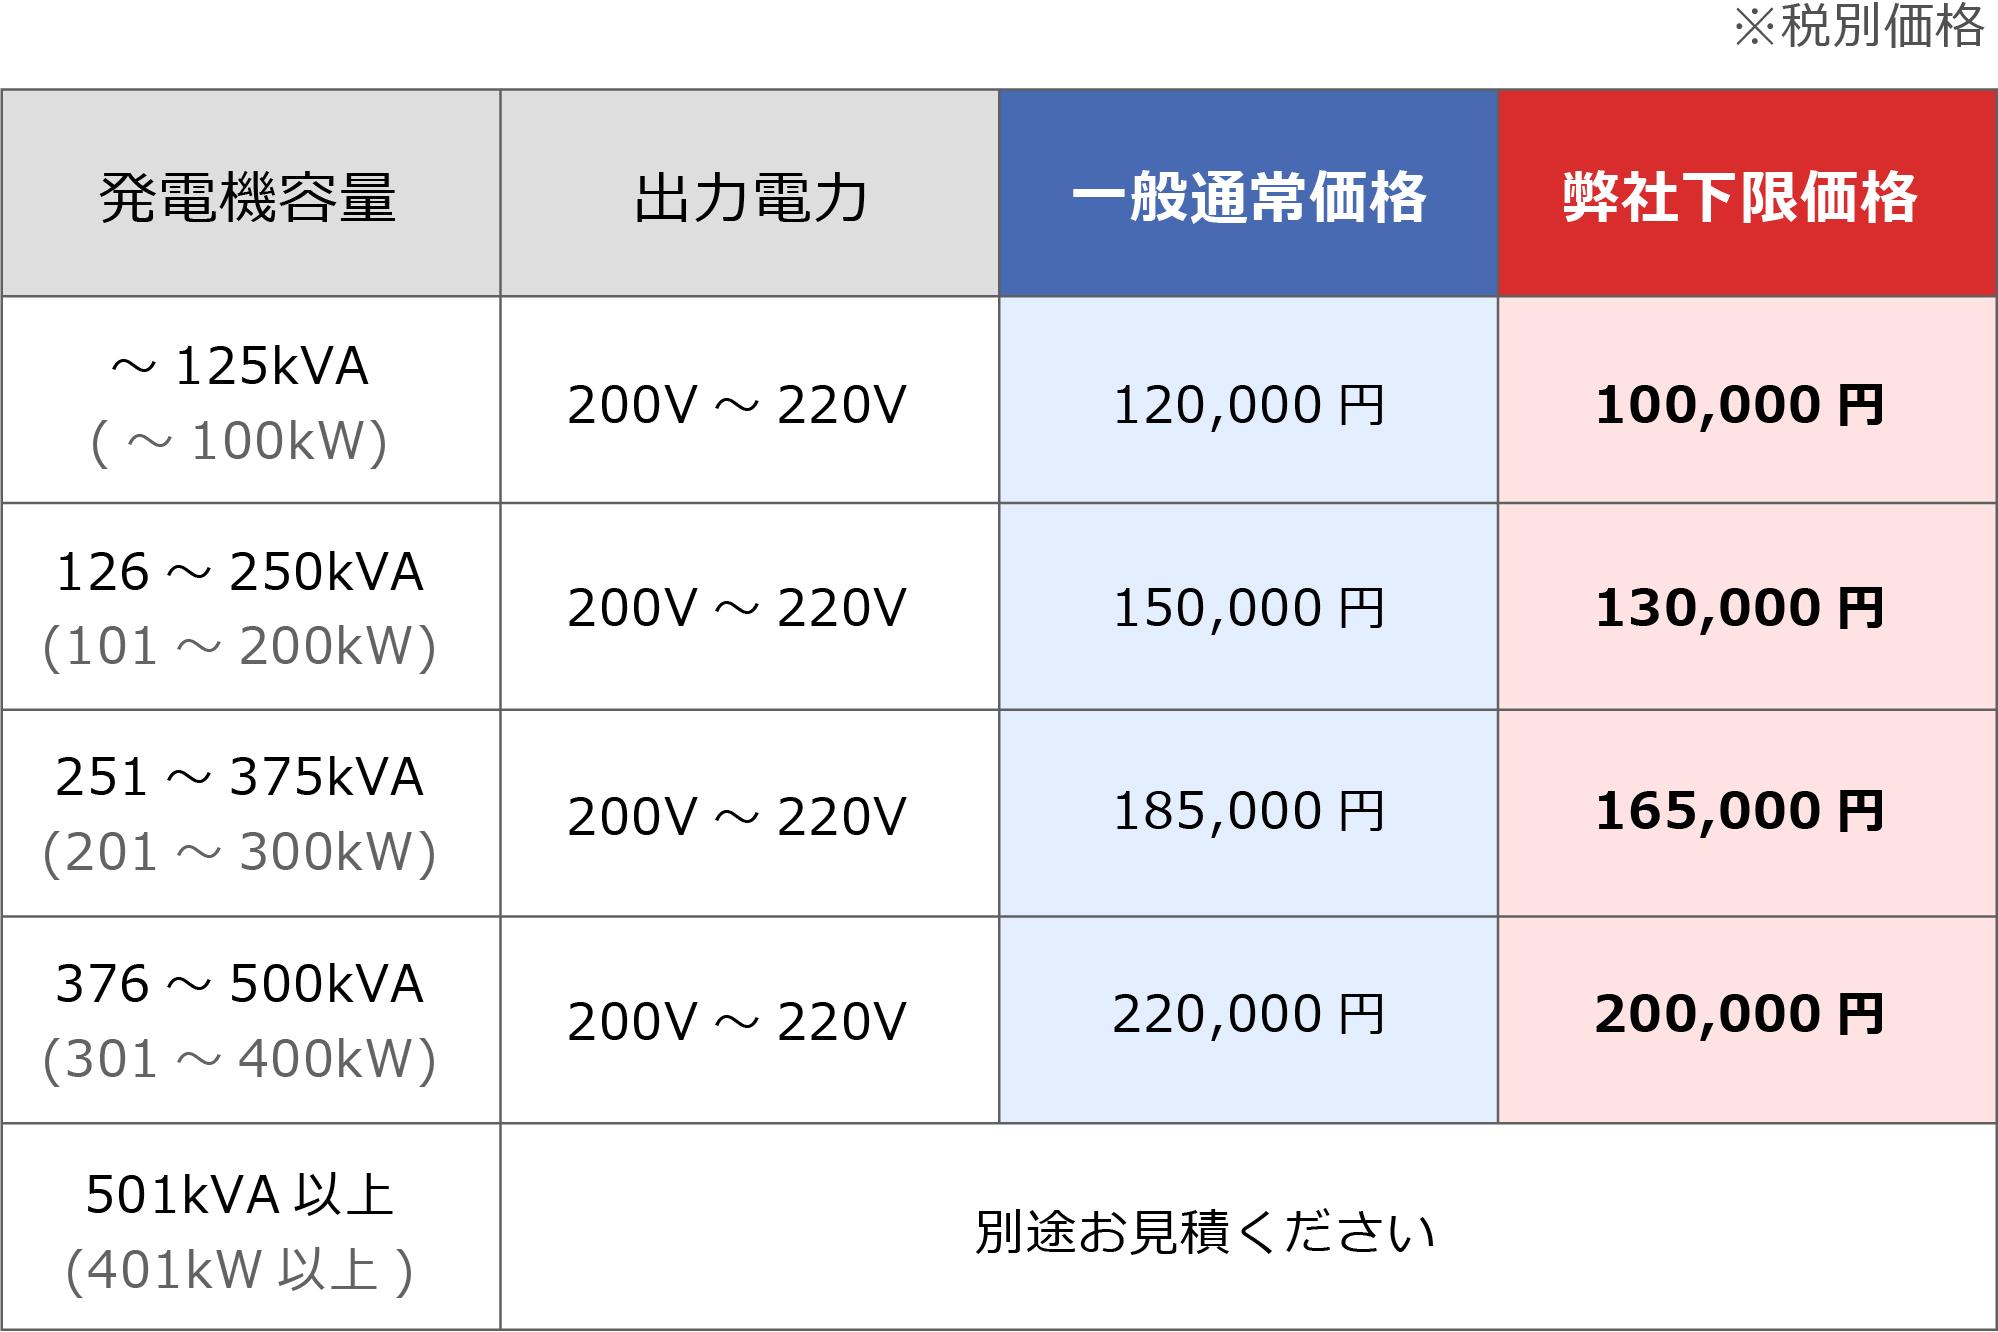 非常用発電機 負荷運転価格表